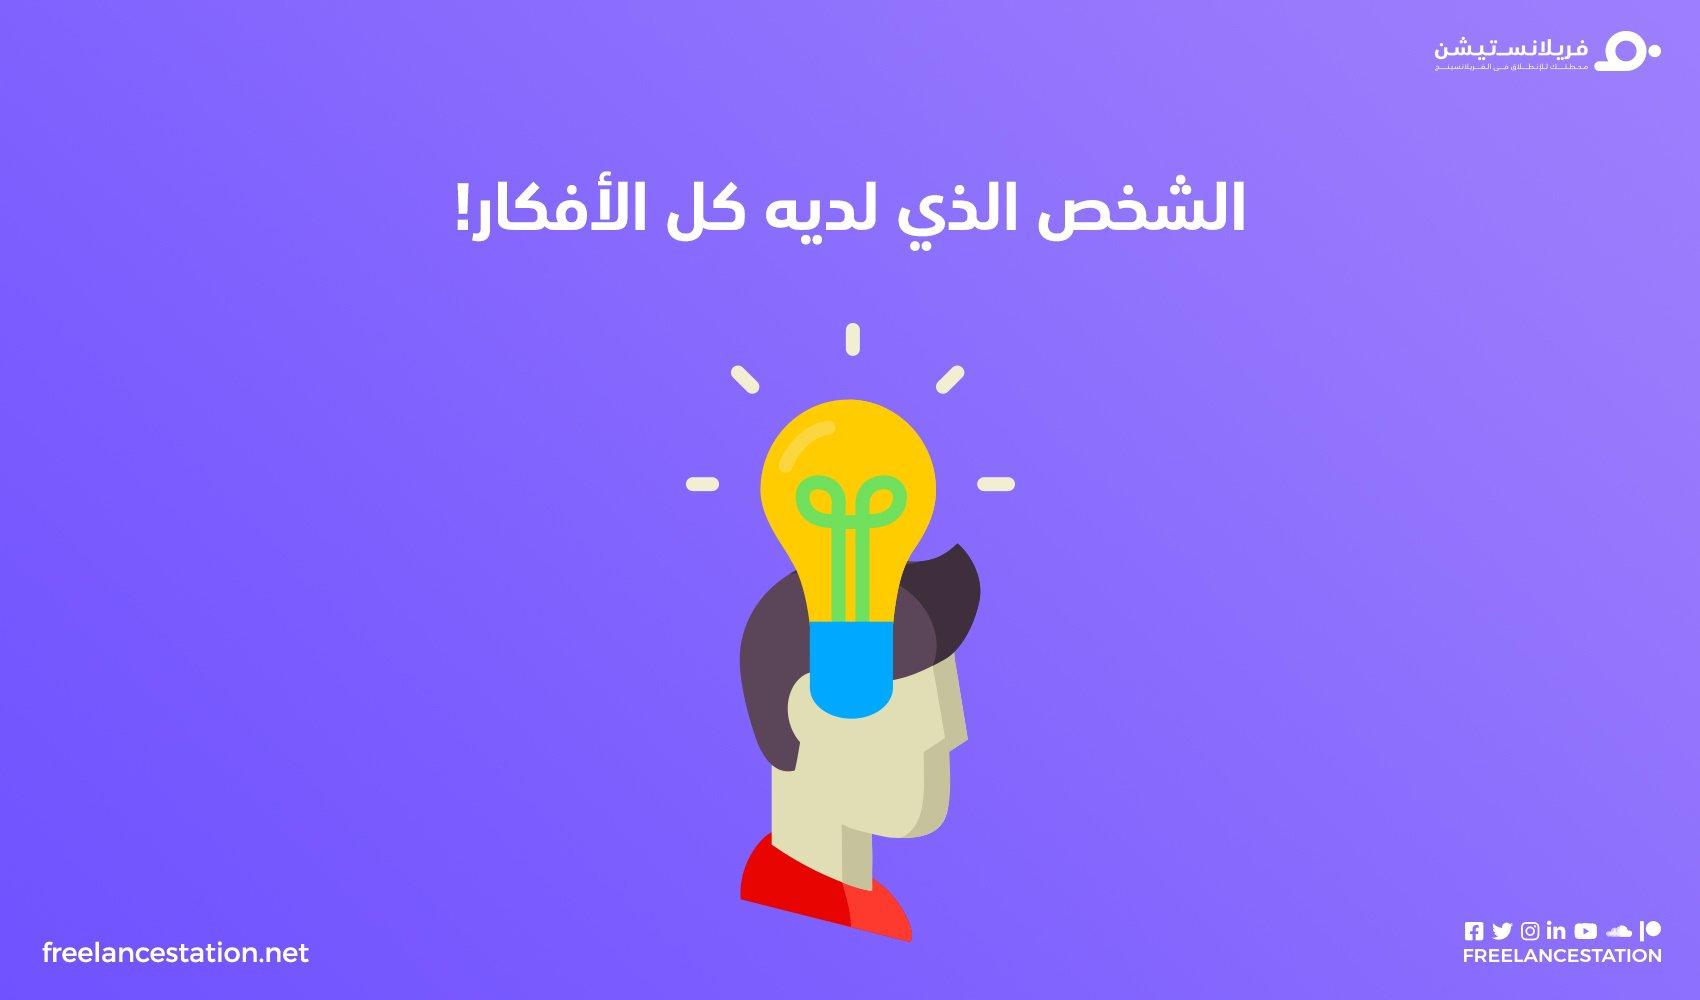 الشخص الذي لديه كل الأفكار